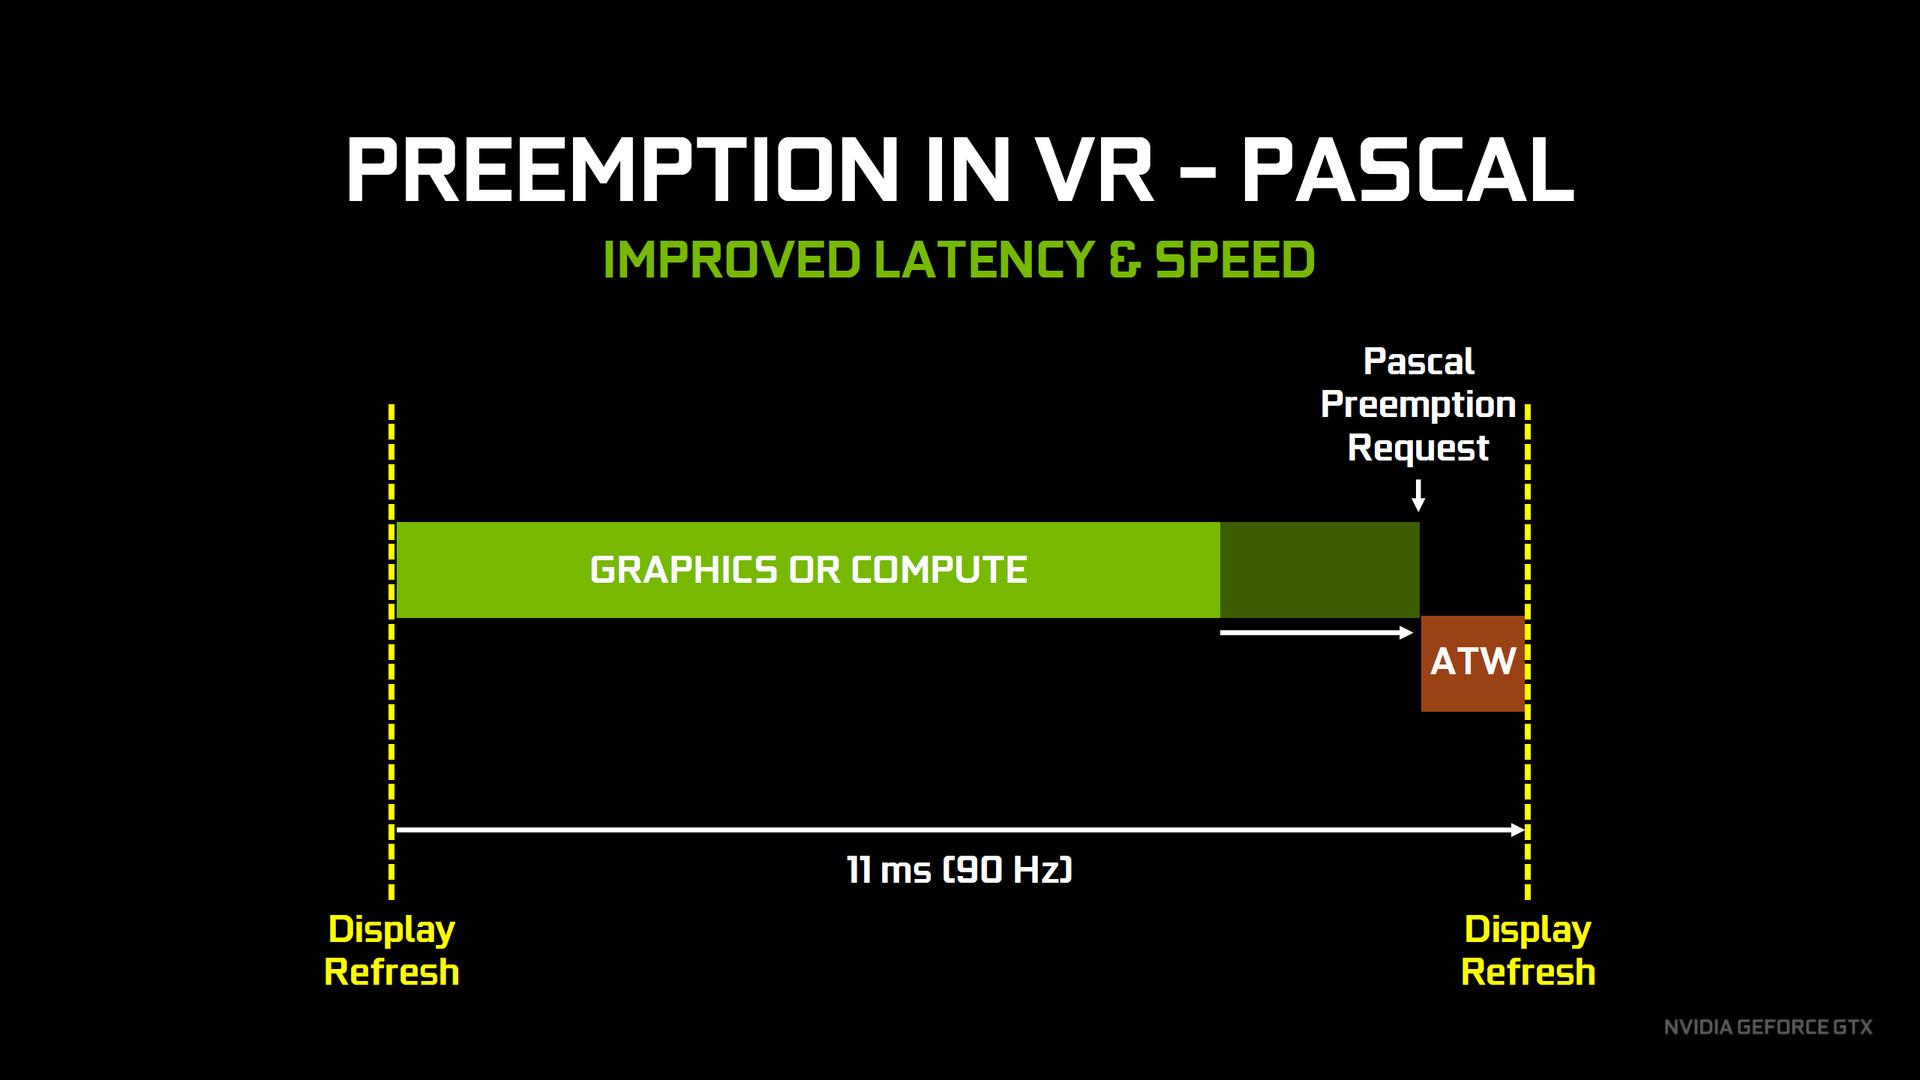 並列処理の効率が高まったことで、よりアグレッシブなタイミングで非同期ワープを行なうことができ、描画に使えるGPU時間が増える